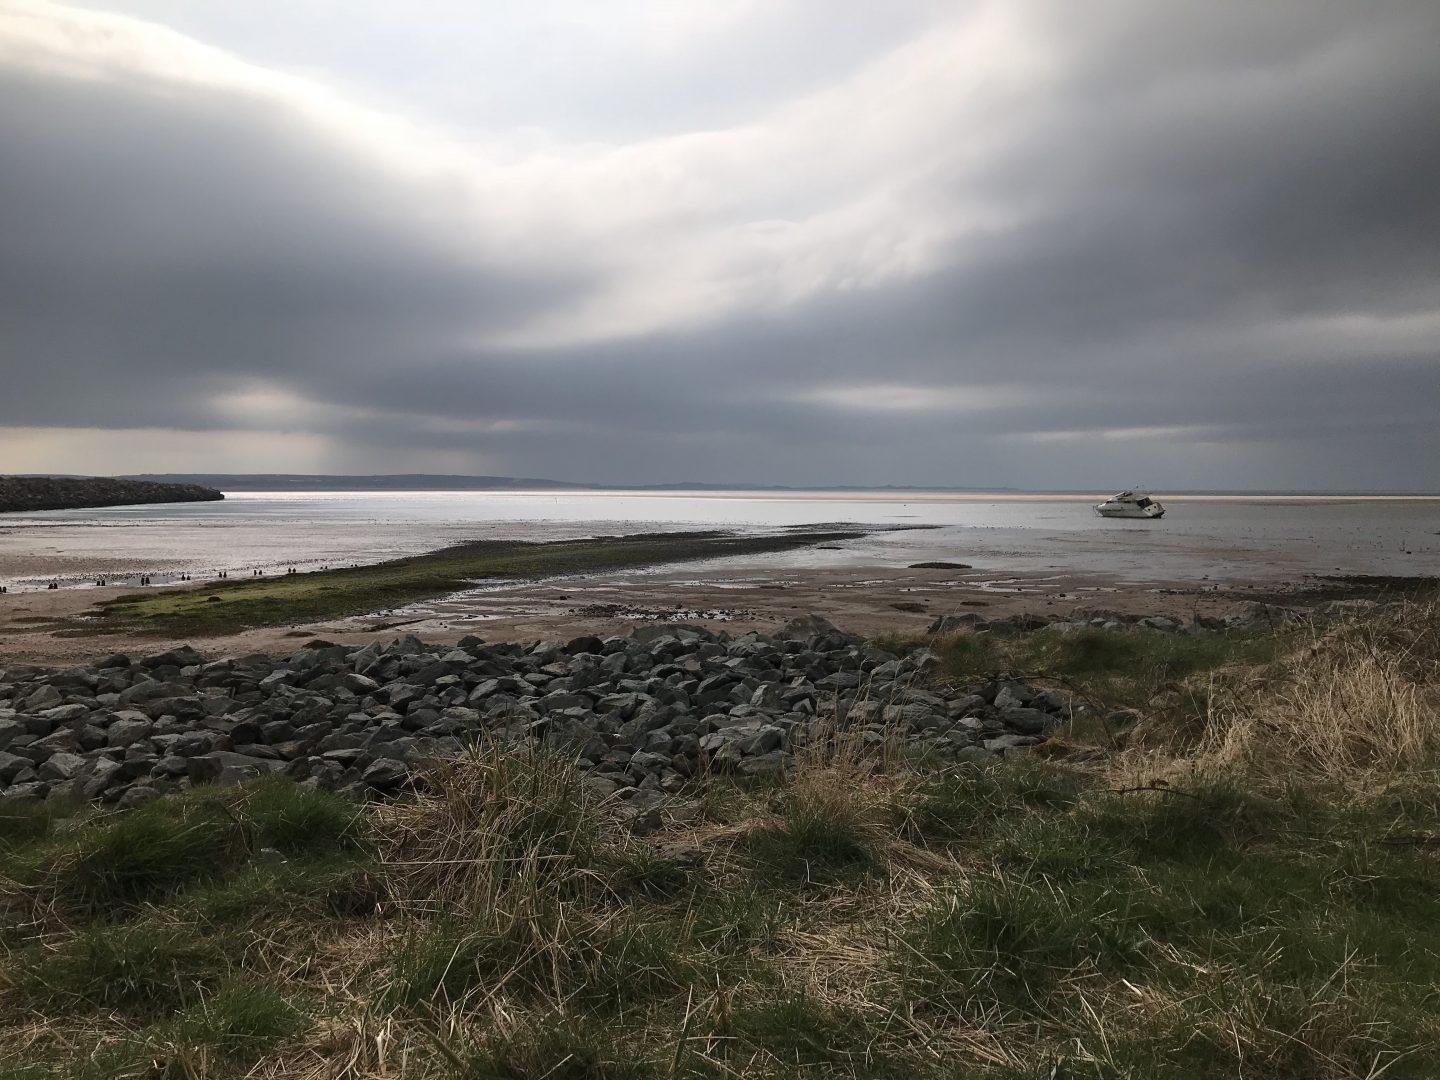 #MySundayPhoto – Seeking Solace At The Shore